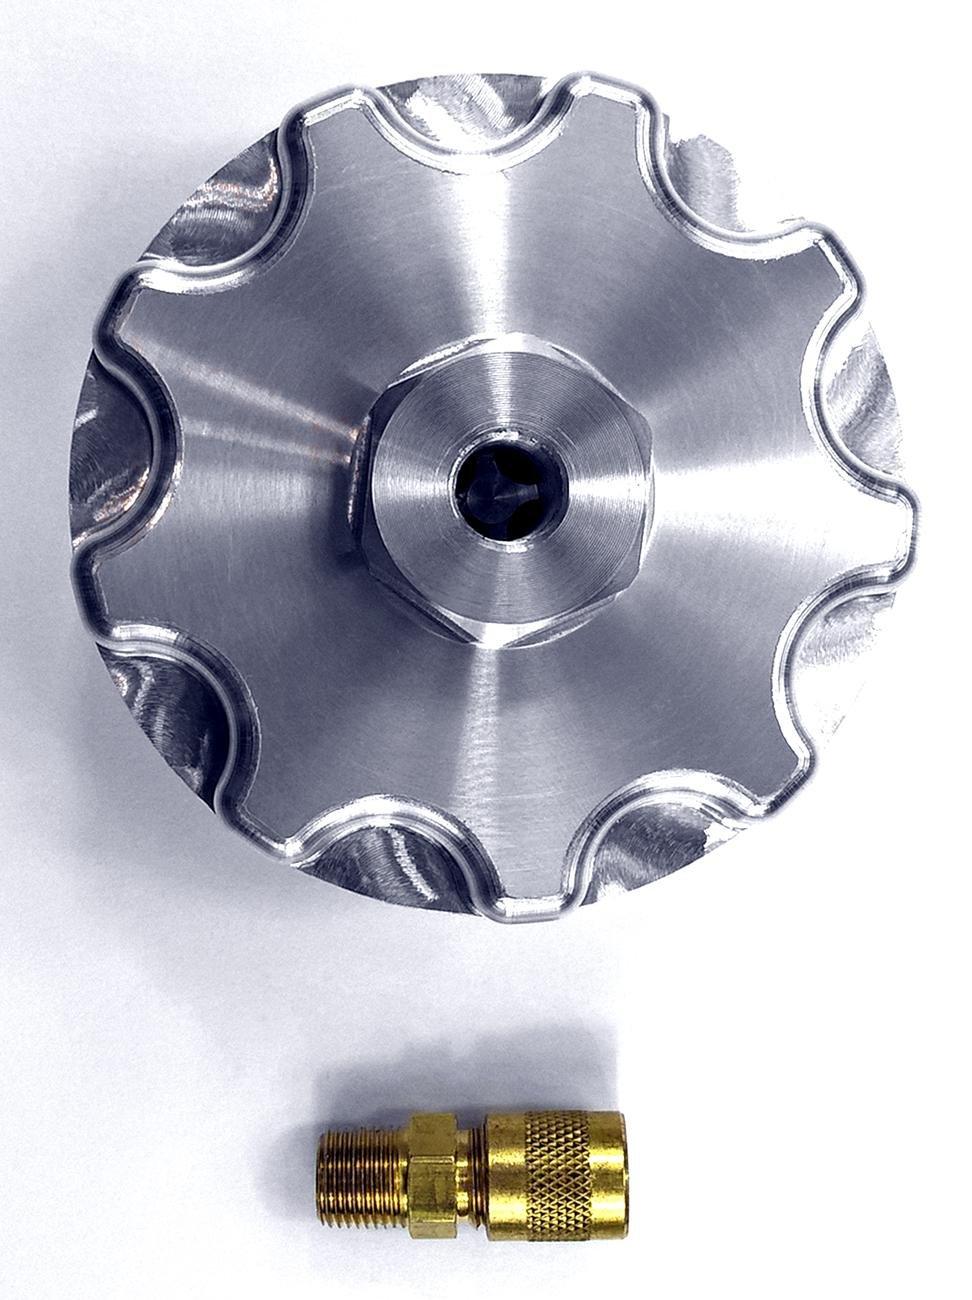 hight resolution of elonn aluminum fuel filter housing cap for 2010 2017 dodge ram 2500 3500 4500 5500 6 7l cummins diesel engine